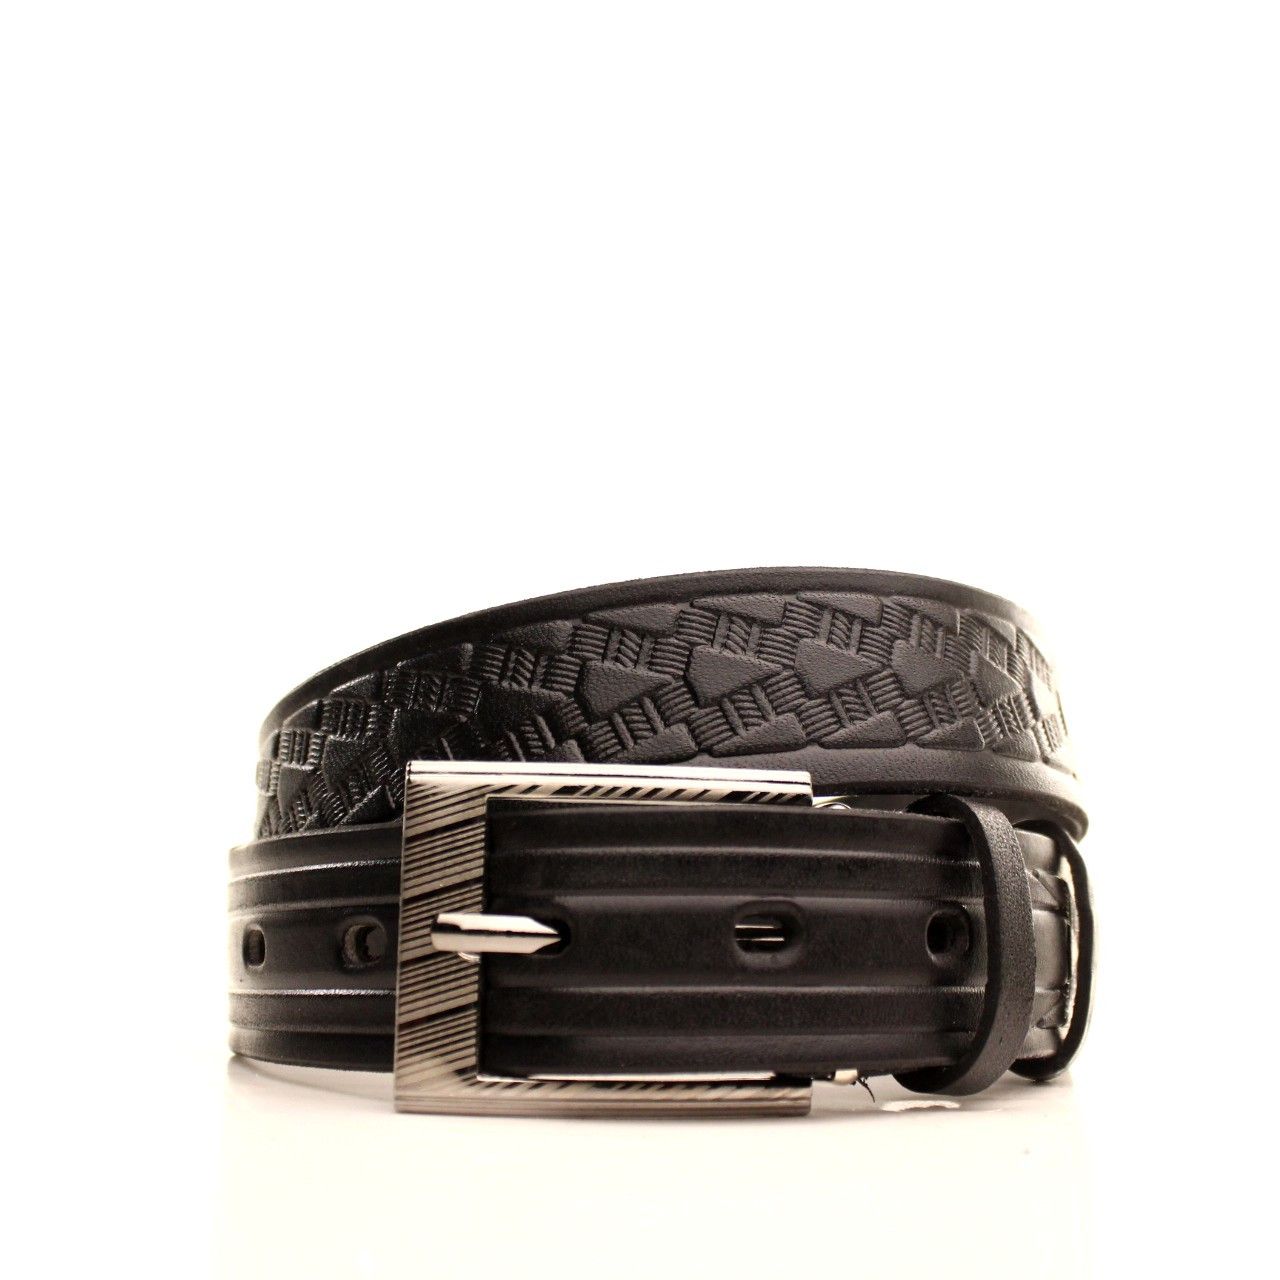 Ремень кожаный Lazar 70-80 см черный l30u3w13